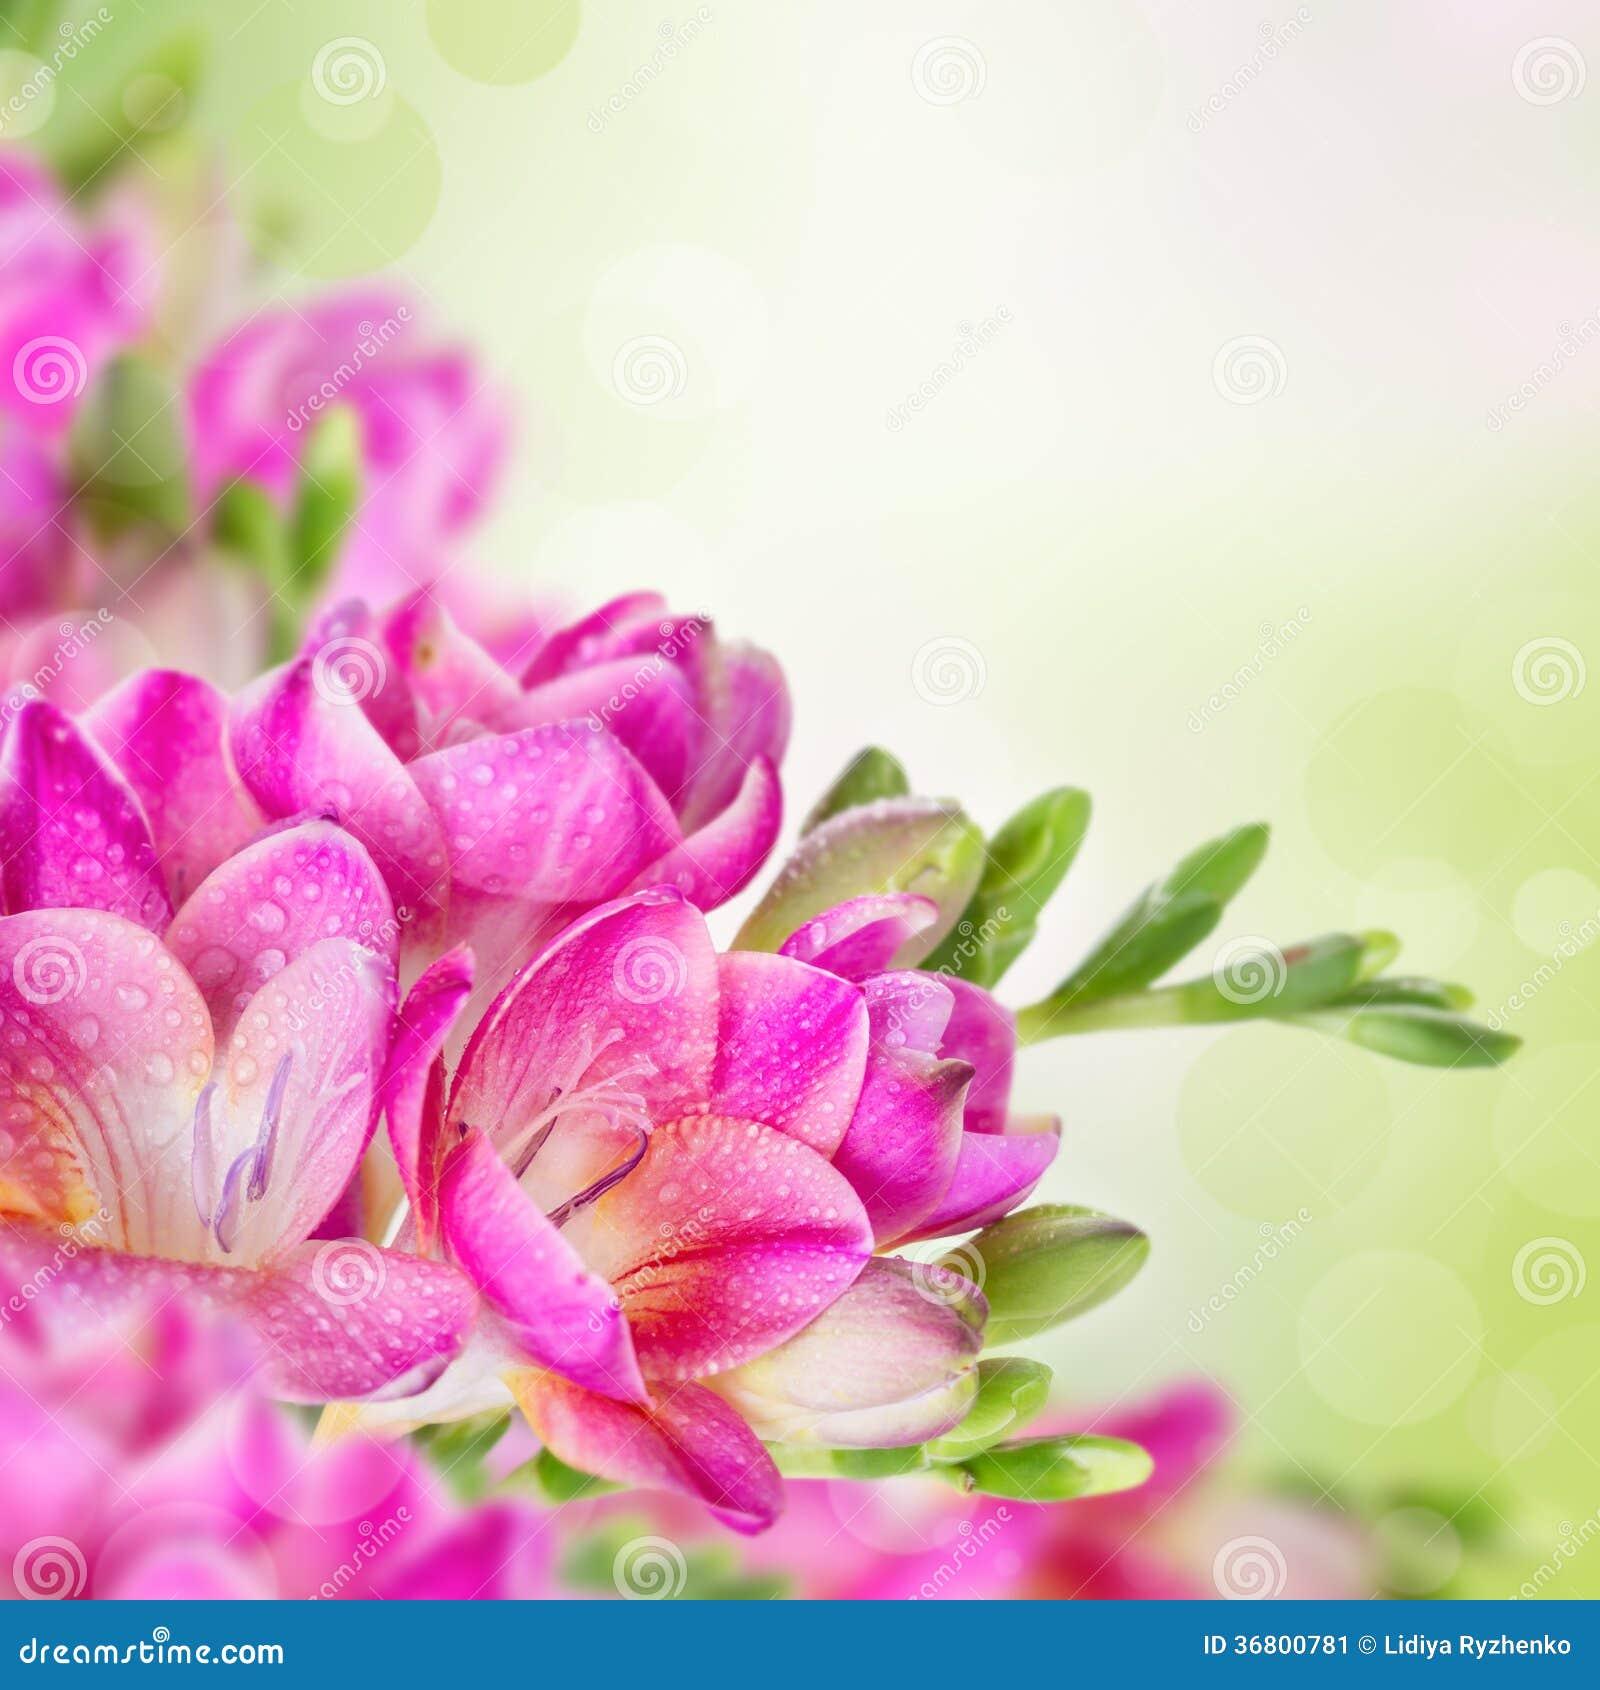 Розовые цветы на зеленом фоне фото